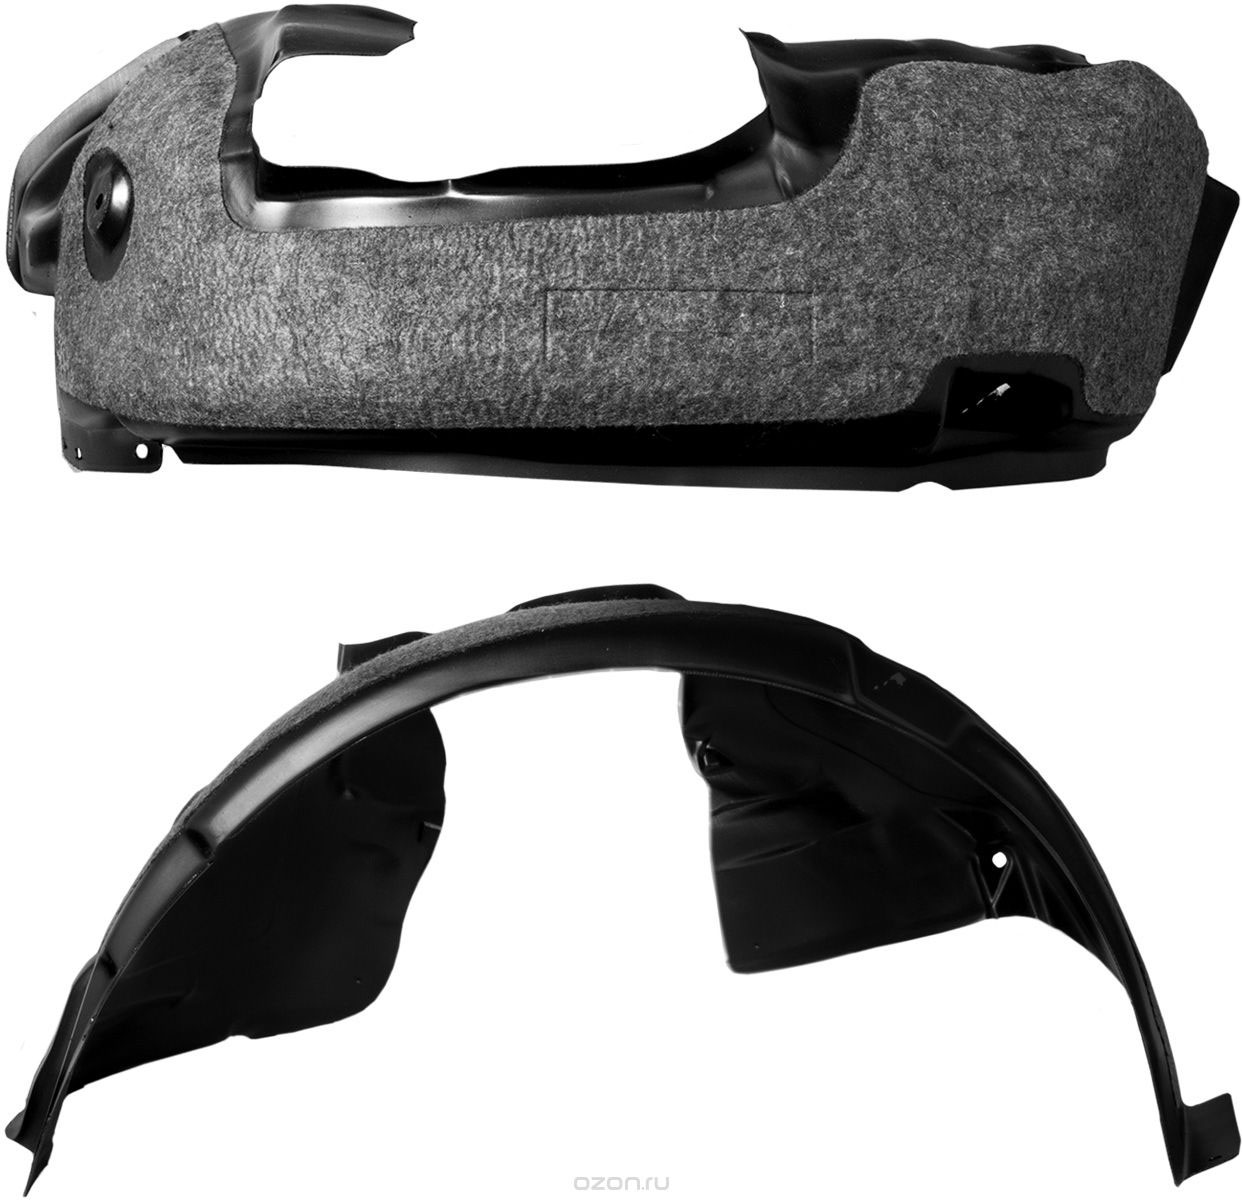 Подкрылок Novline-Autofamily, с шумоизоляцией, для HYUNDAI Creta, 06/2016->, кроссовер, передний левый42803004Идеальная защита колесной ниши. Локеры разработаны с применением цифровых технологий, гарантируют максимальную повторяемость поверхности арки. Изделия устанавливаются без нарушения лакокрасочного покрытия автомобиля, каждый подкрылок комплектуется крепежом. Уважаемые клиенты, обращаем ваше внимание, что фотографии на подкрылки универсальные и не отражают реальную форму изделия. При этом само изделие идет точно под размер указанного автомобиля.